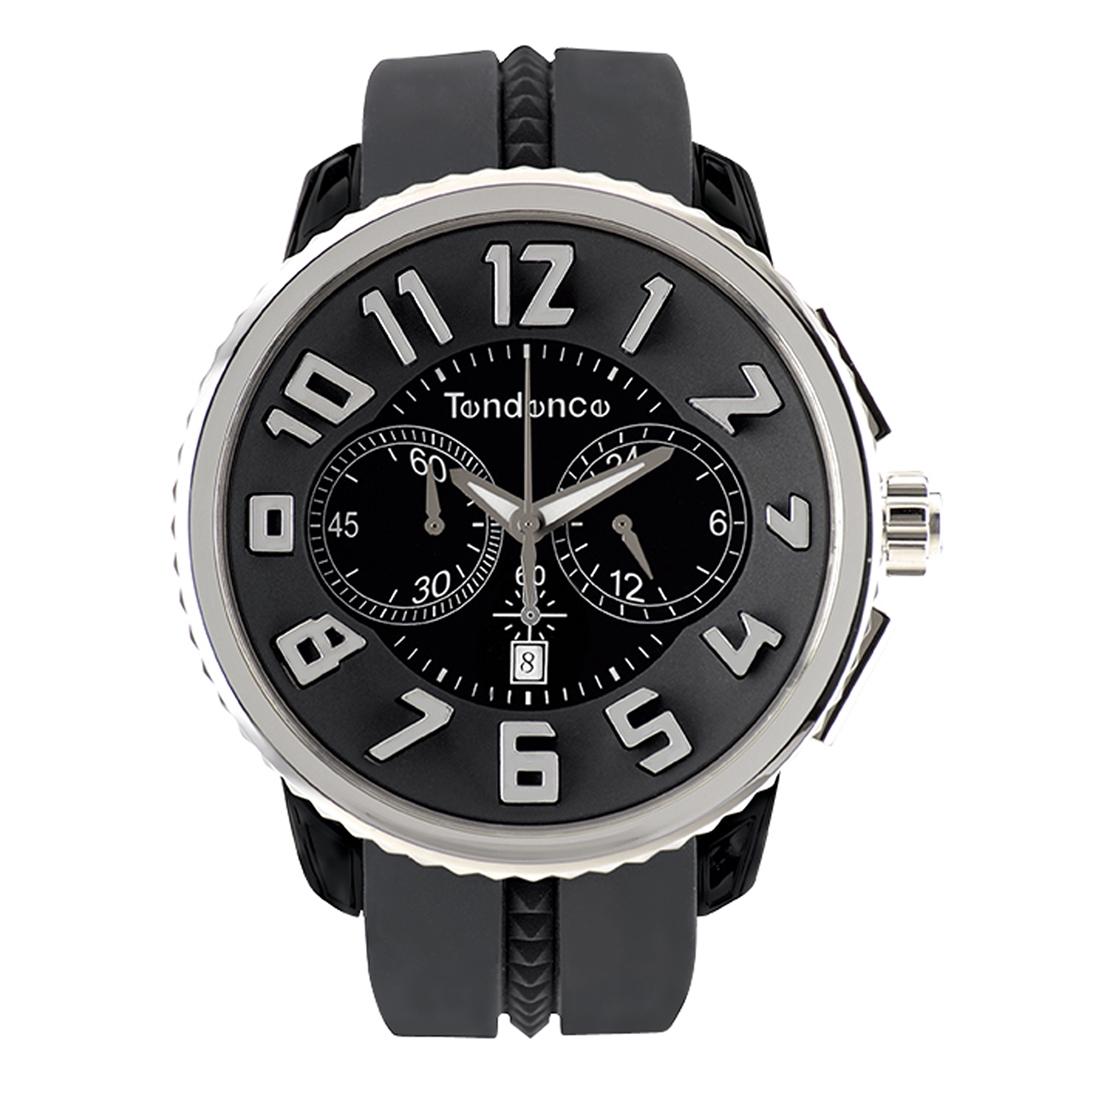 【今ならオーバーサイズノートプレゼント】 テンデンス Tendence TG046013 ガリバー ラウンド クロノグラフ 正規品 腕時計